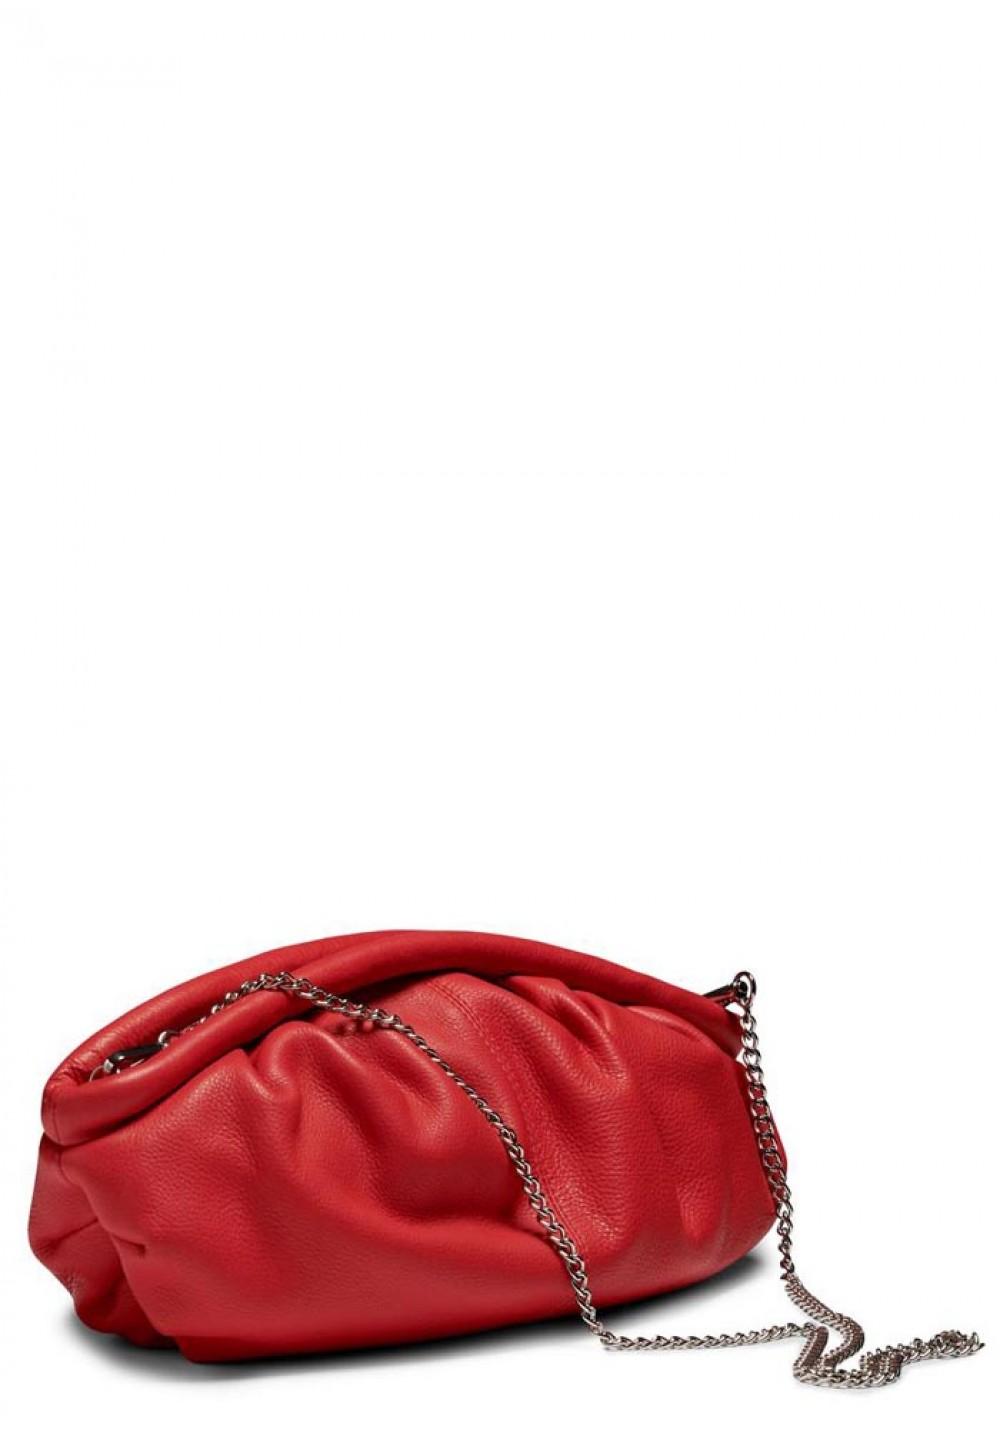 Стильная красная женская сумка Lin organic leather w. thin chain